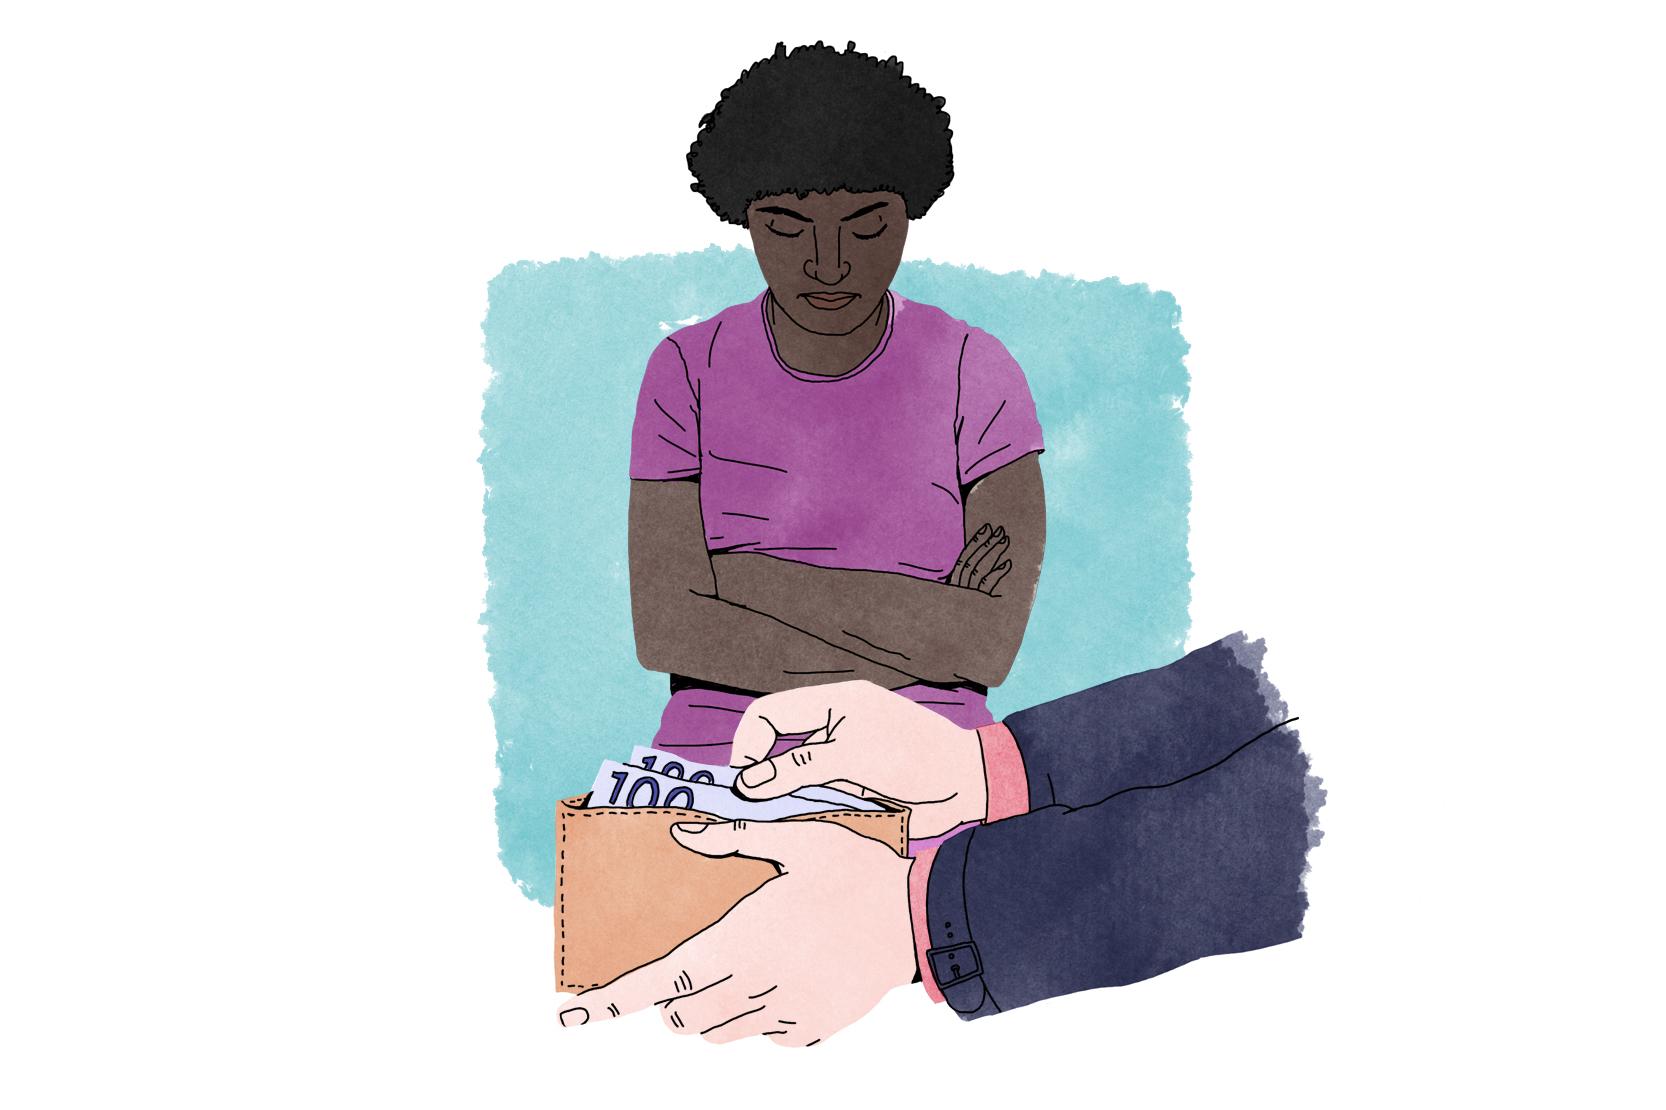 Händer plockar upp hundralappar ur en plånbok, framför en annan person.